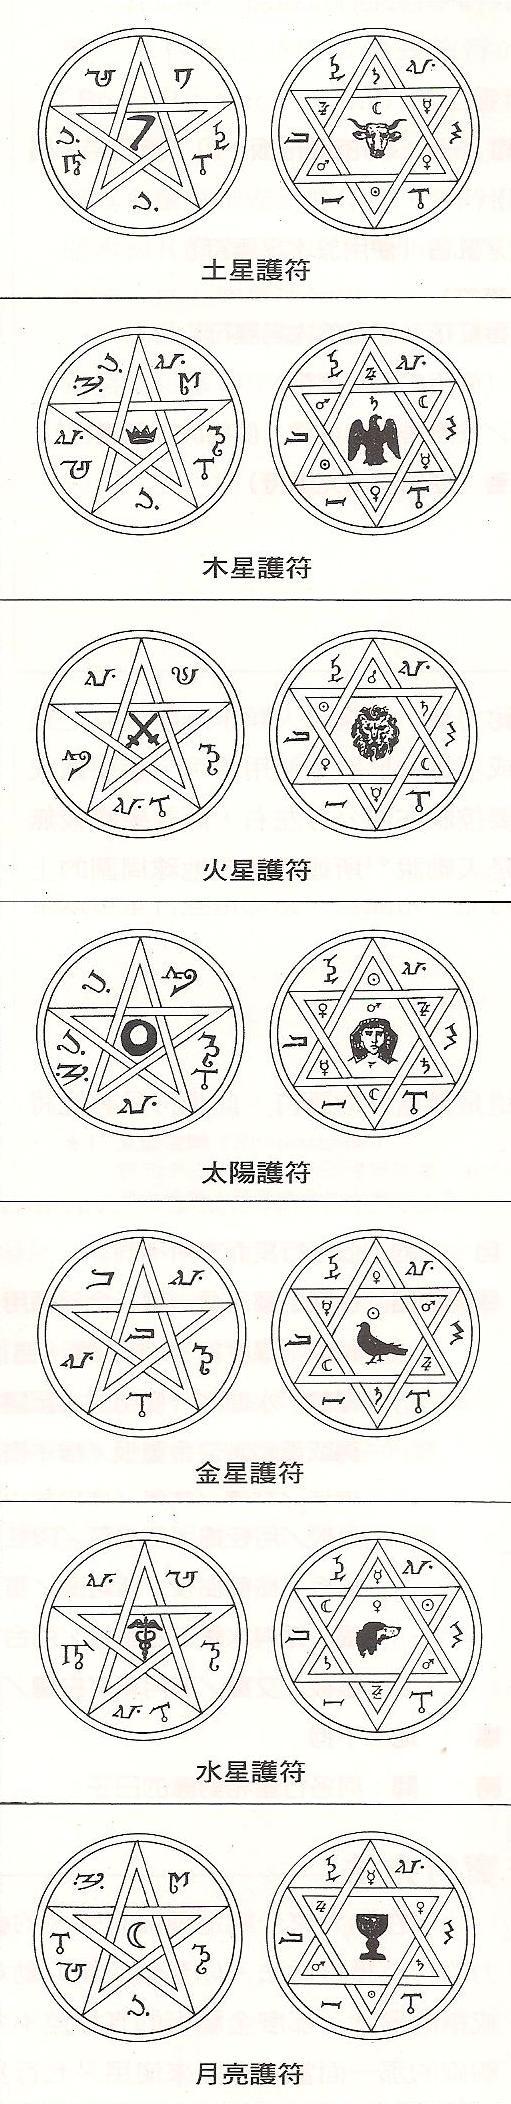 道家阴符派博客--谈谈西方占星中使用的护身符--护身符